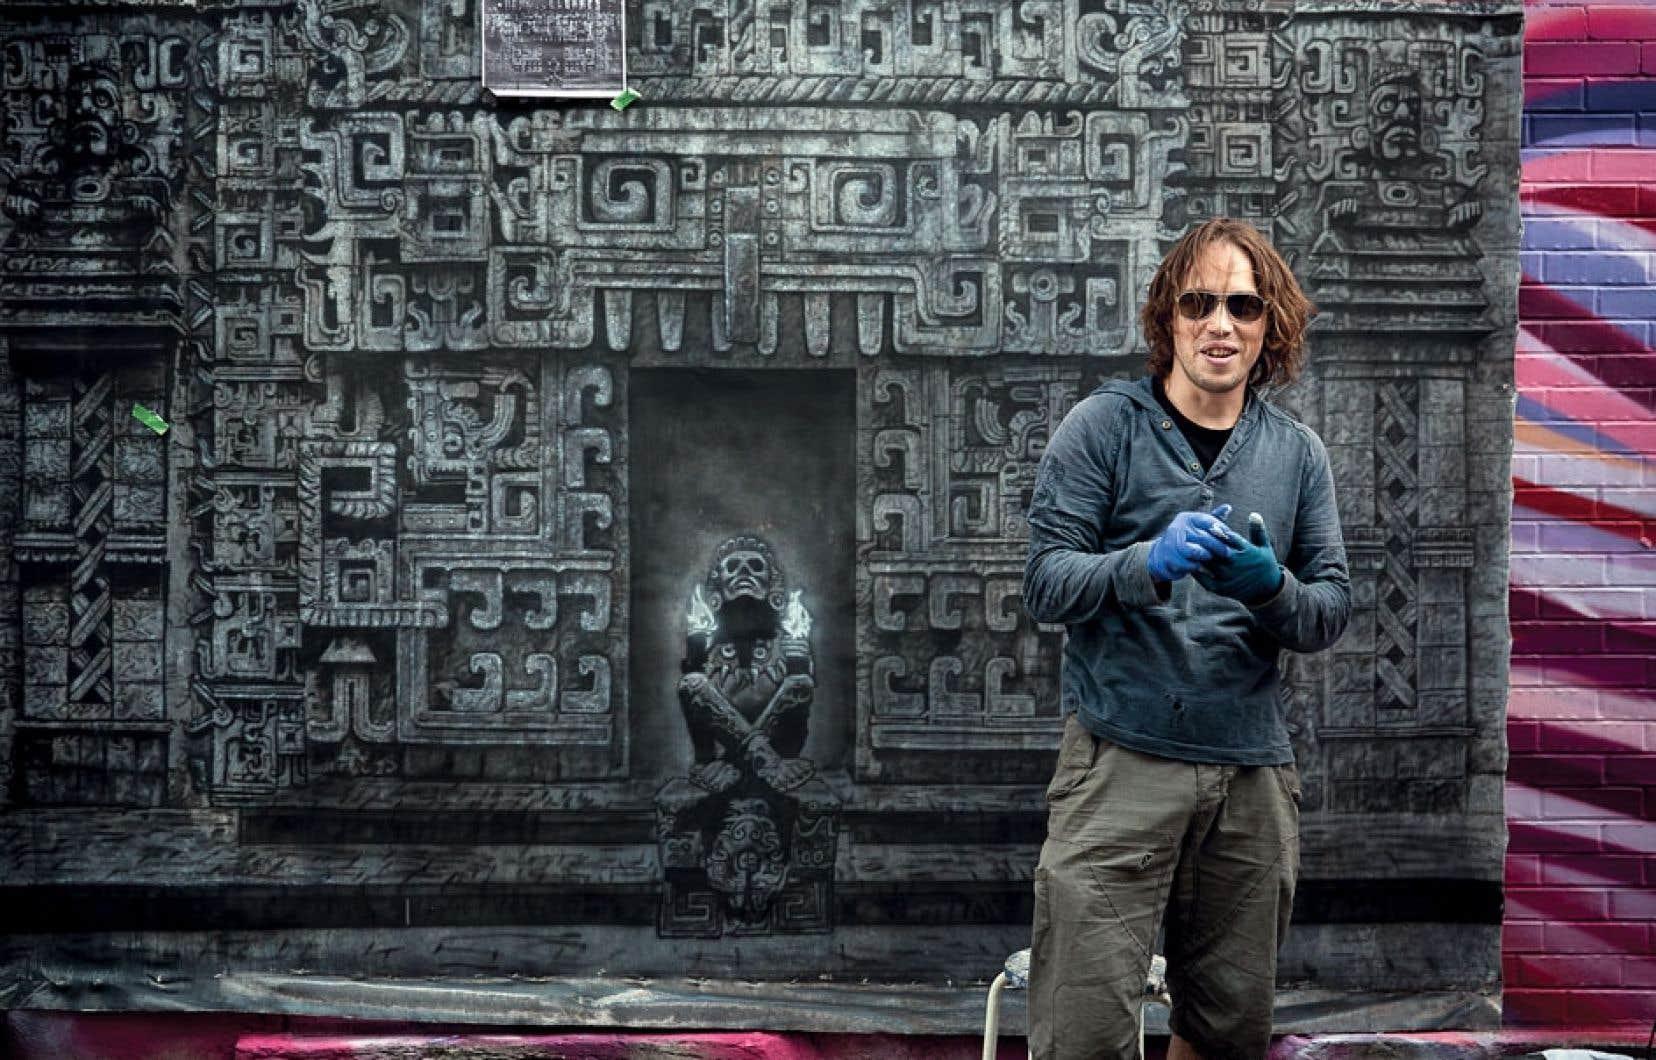 Inspiré par ses portes d'anciennes civilisations, Jean Pronovost a créé une toile à l'airbrush et au pinceau.